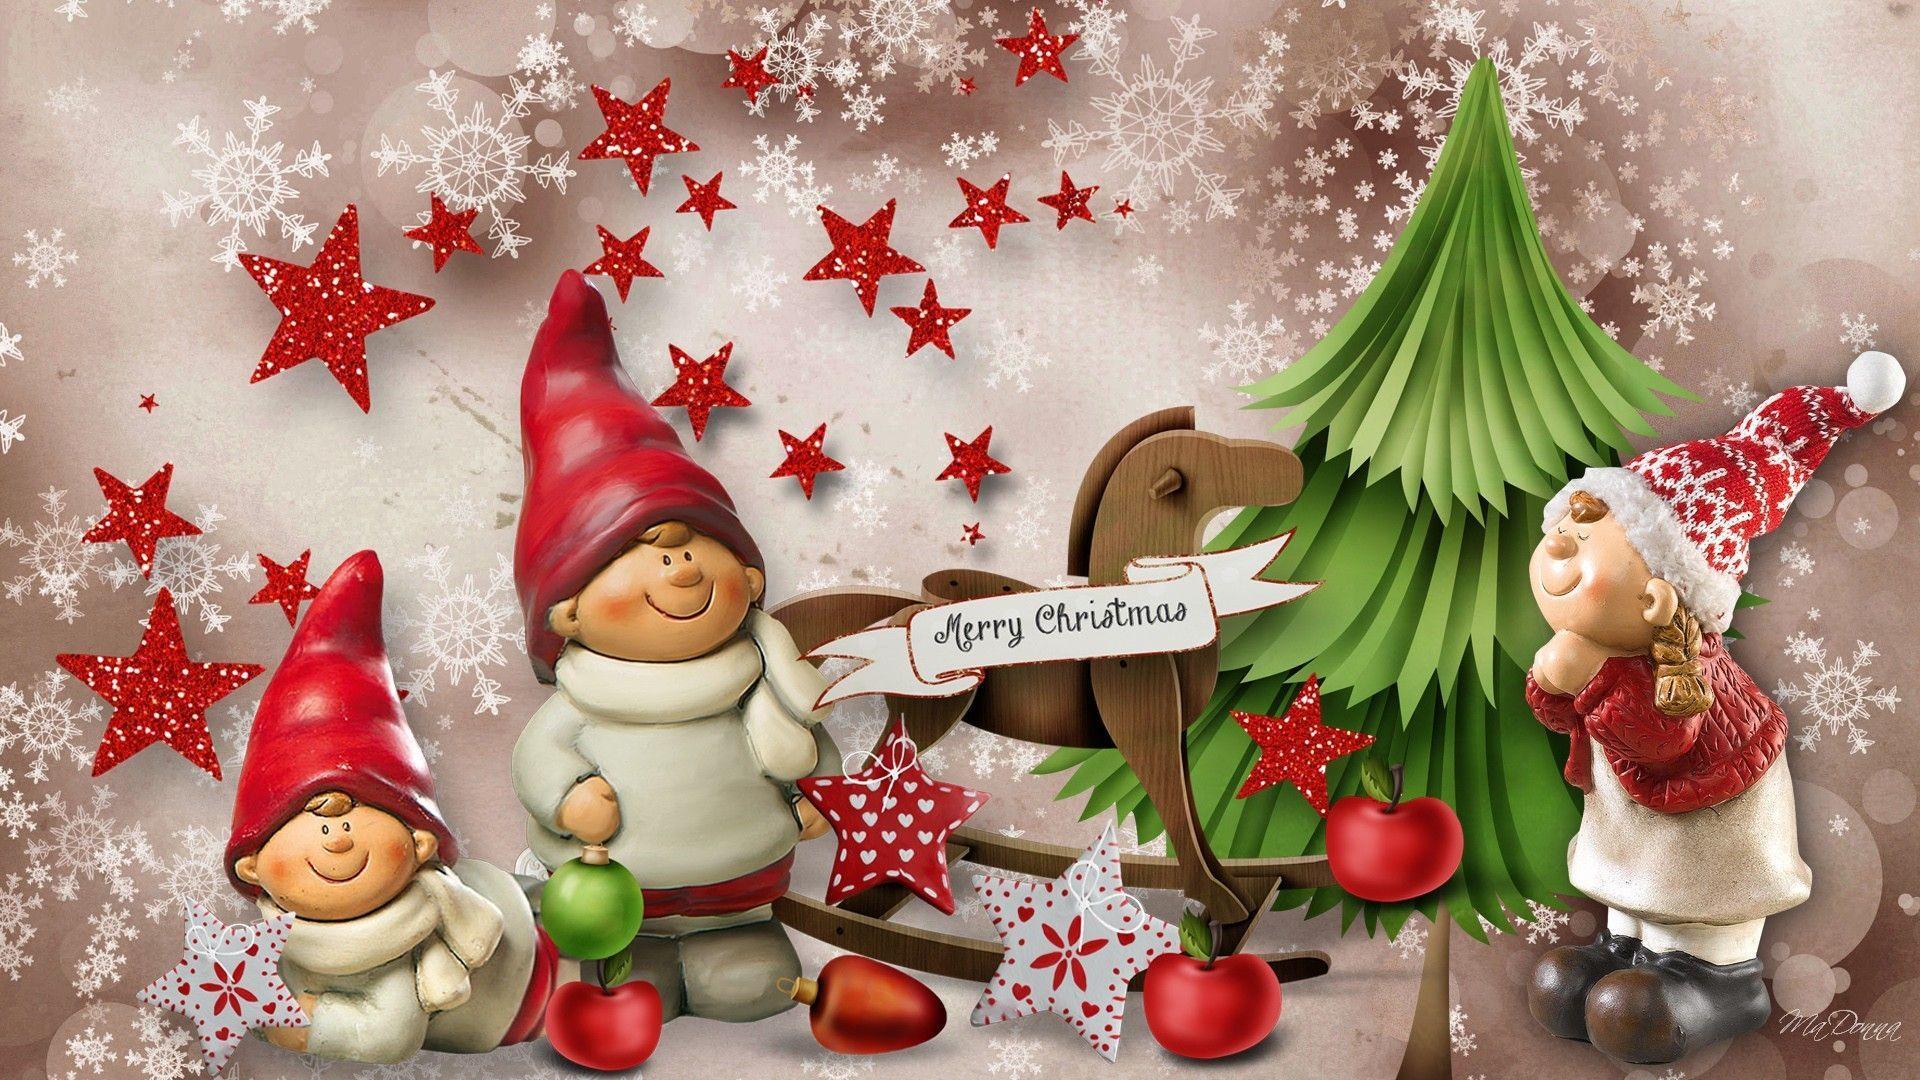 Cute Christmas Elf Wallpapers - Top ...